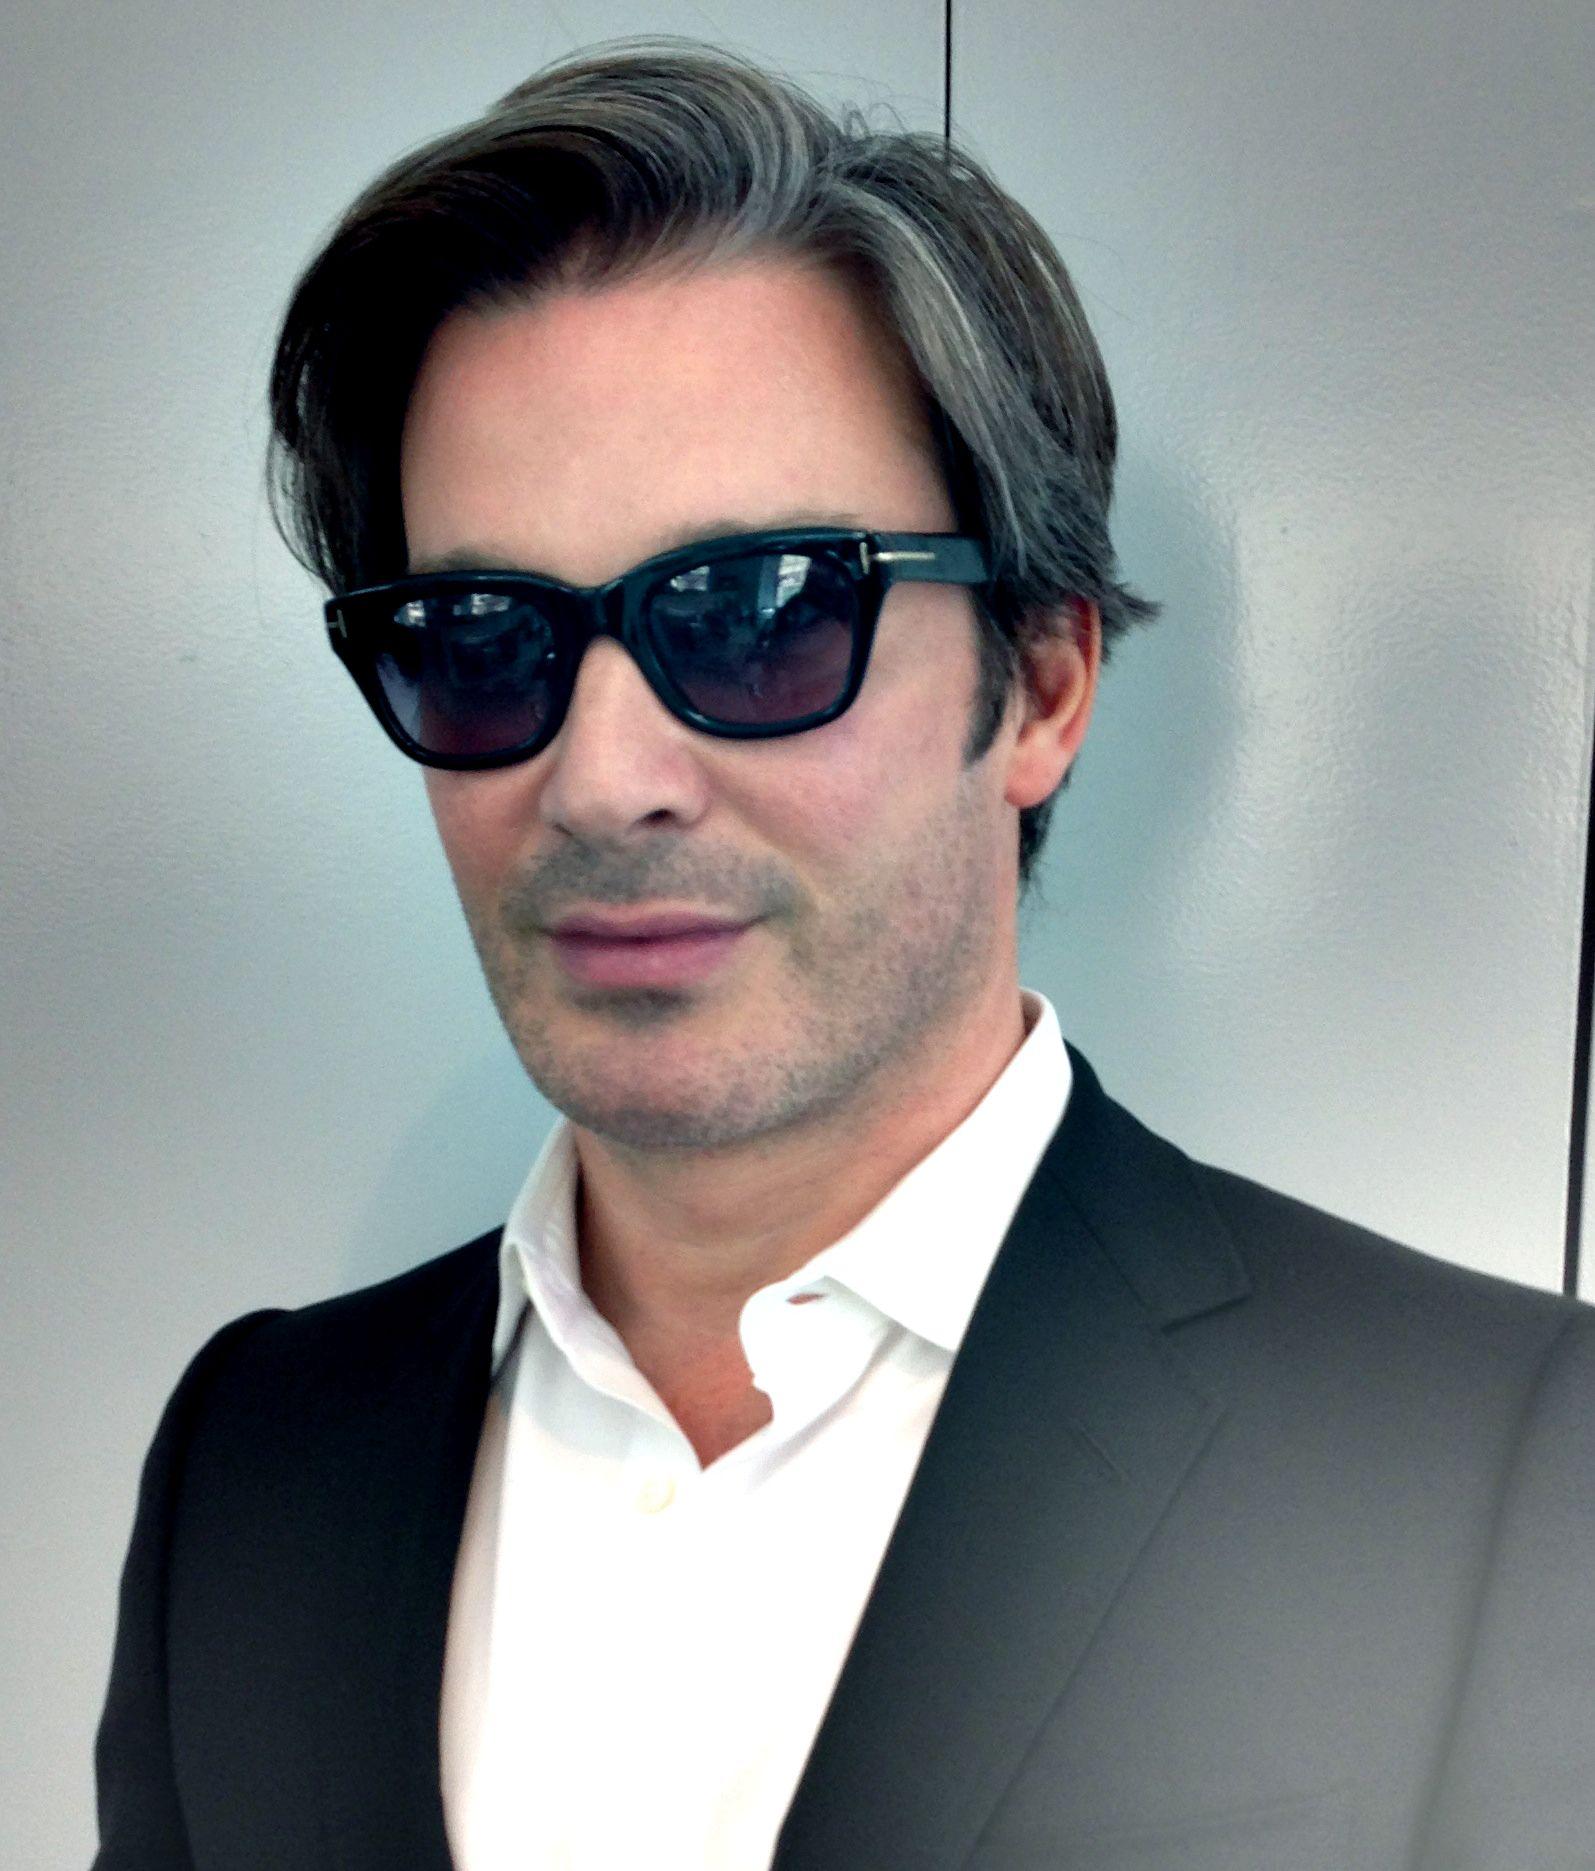 73fd969daf30 Tom Ford Hugh Polarized Square Wayfarer Sunglasses